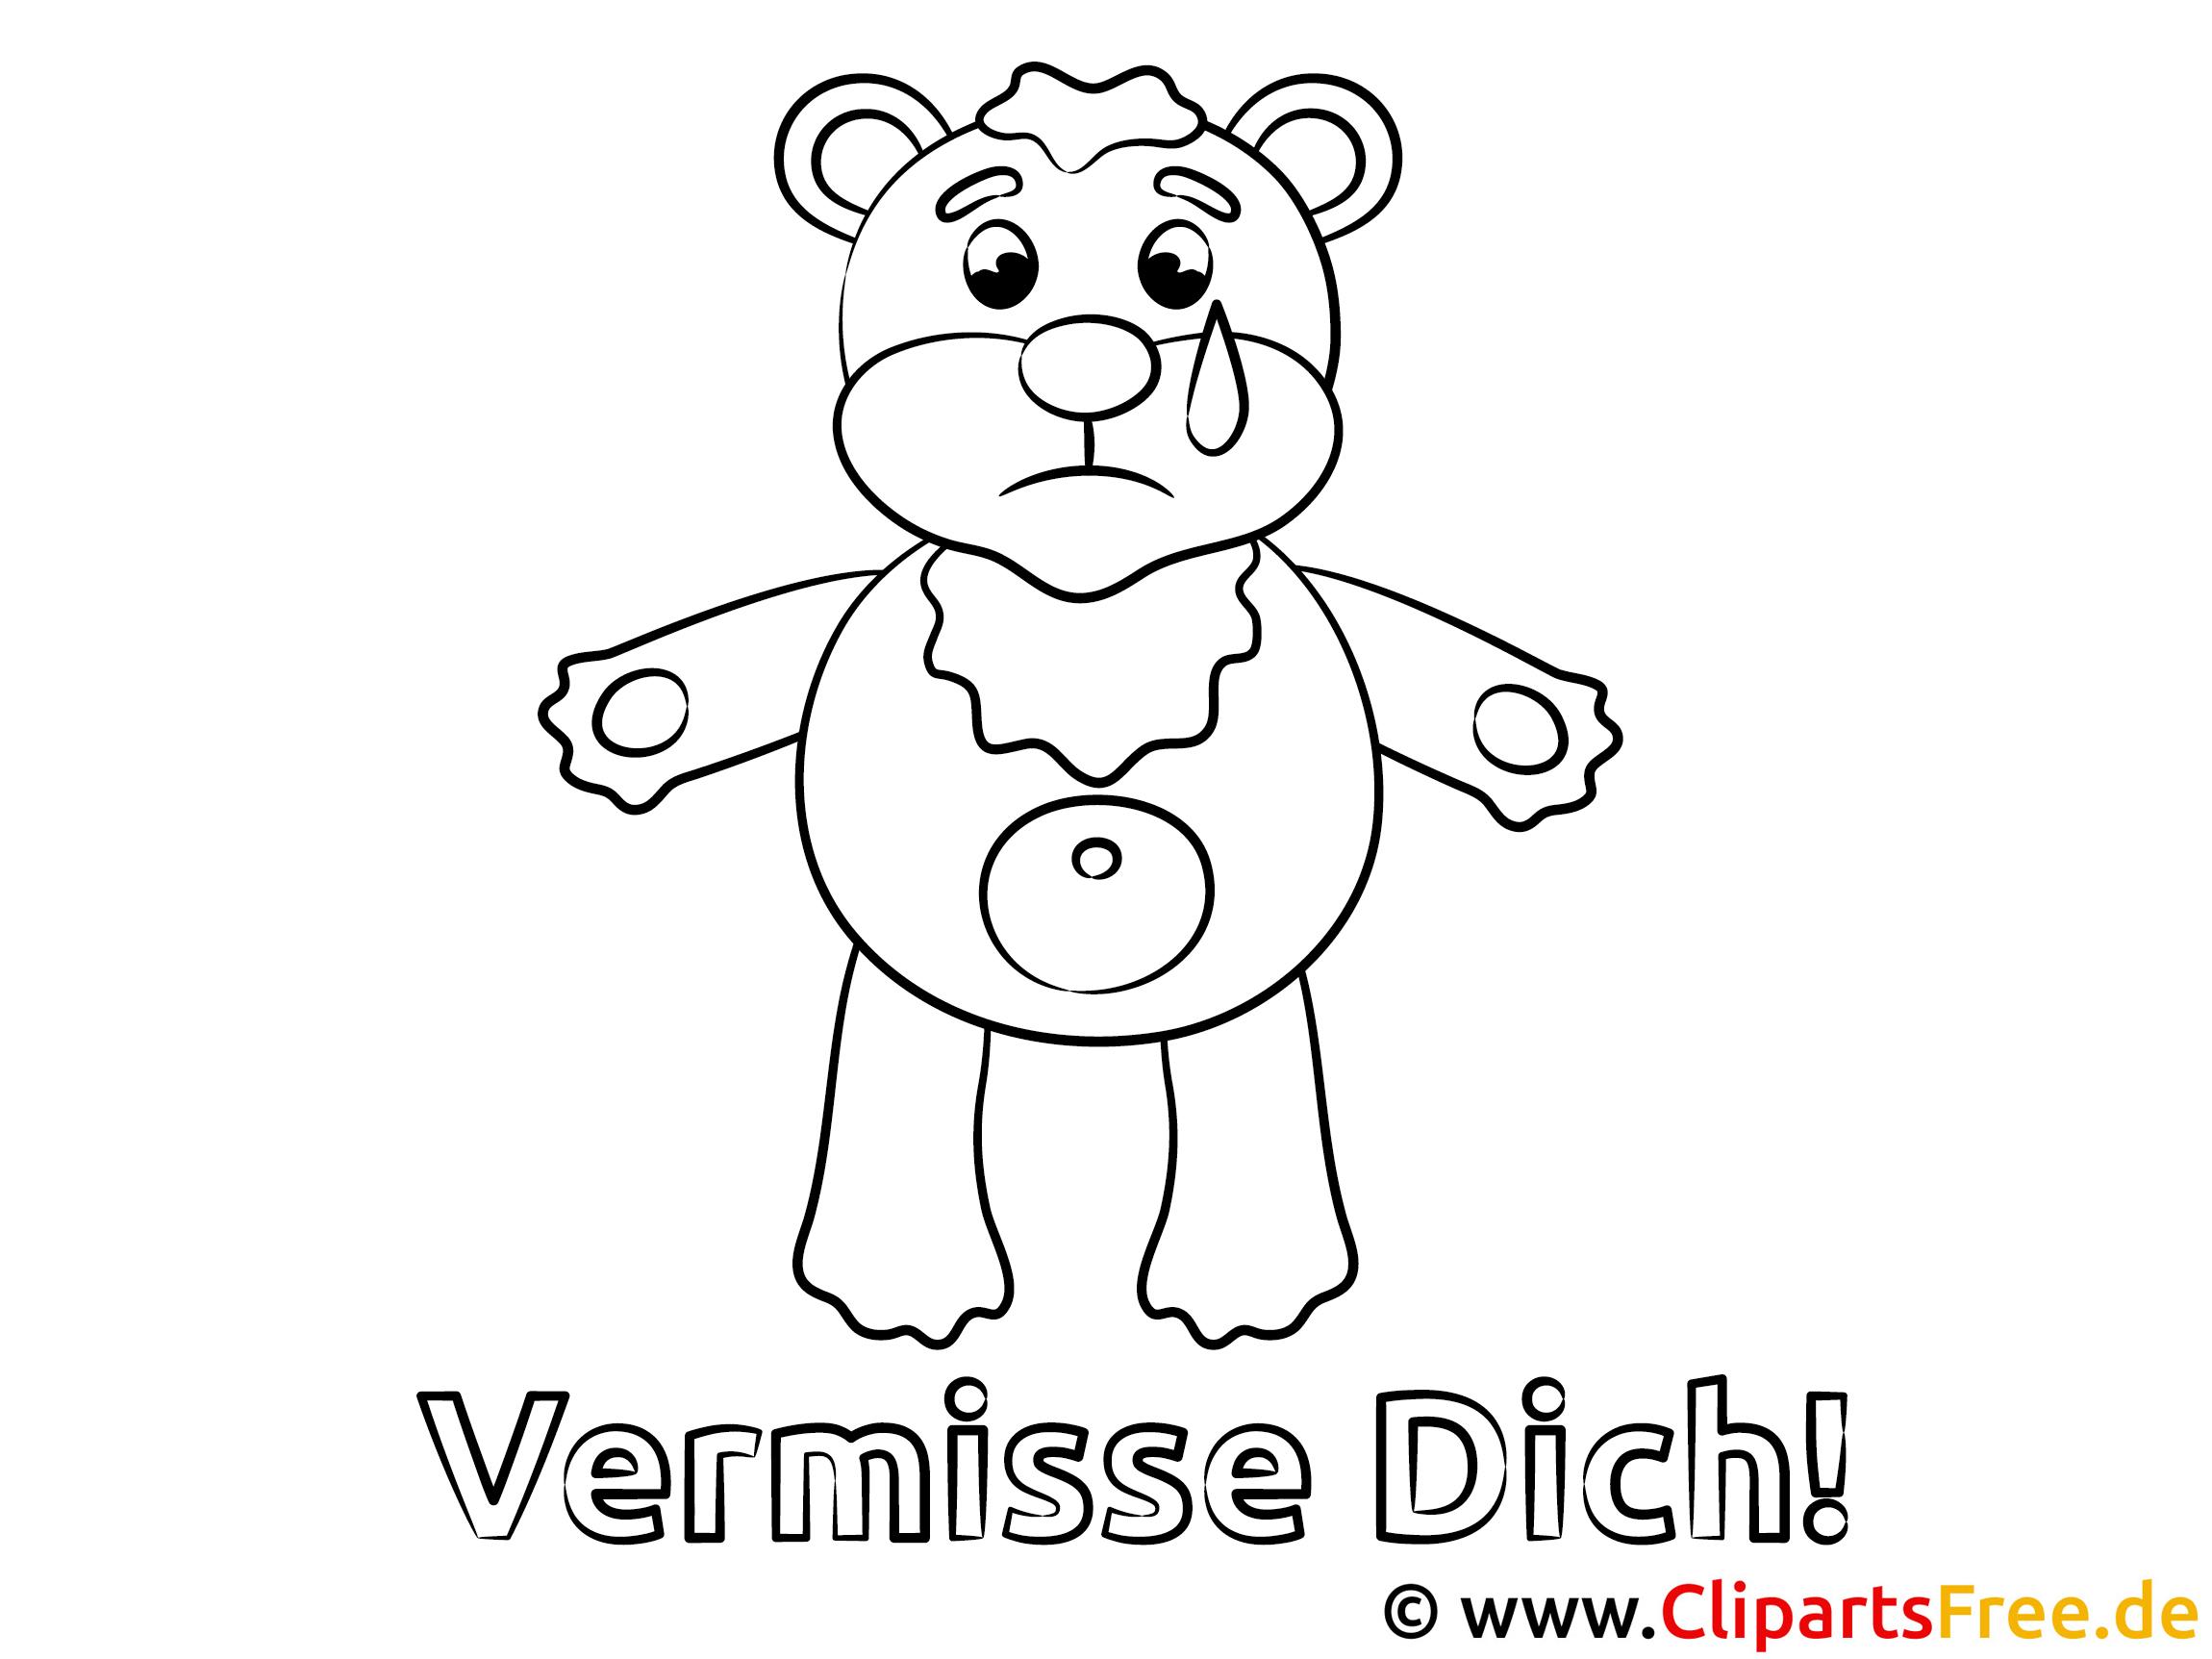 Ausgezeichnet Free Pooh Bär Malvorlagen Galerie - Druckbare ...